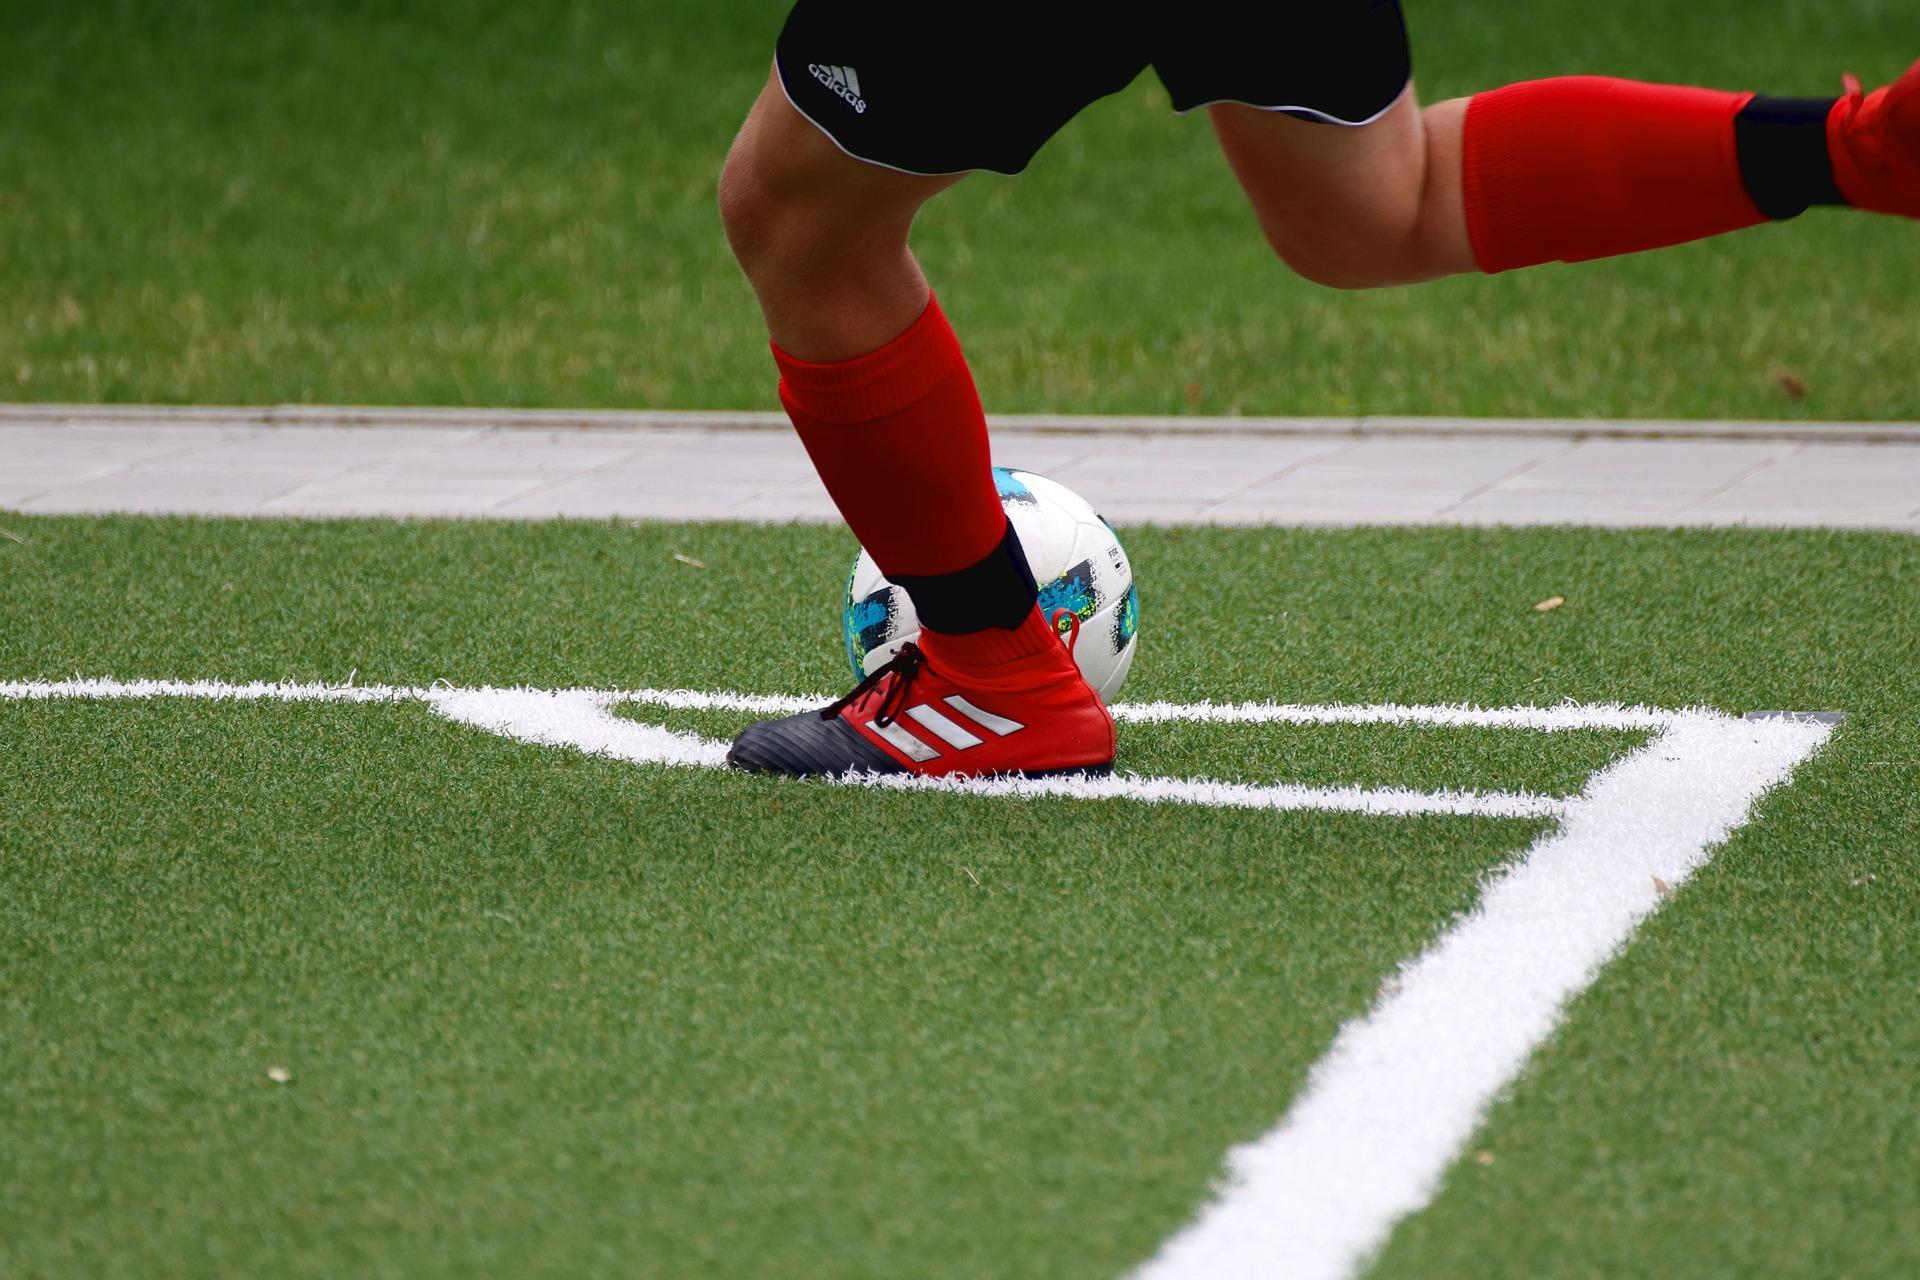 Stadionverbot - und der allgemeine Gleichheitssatz